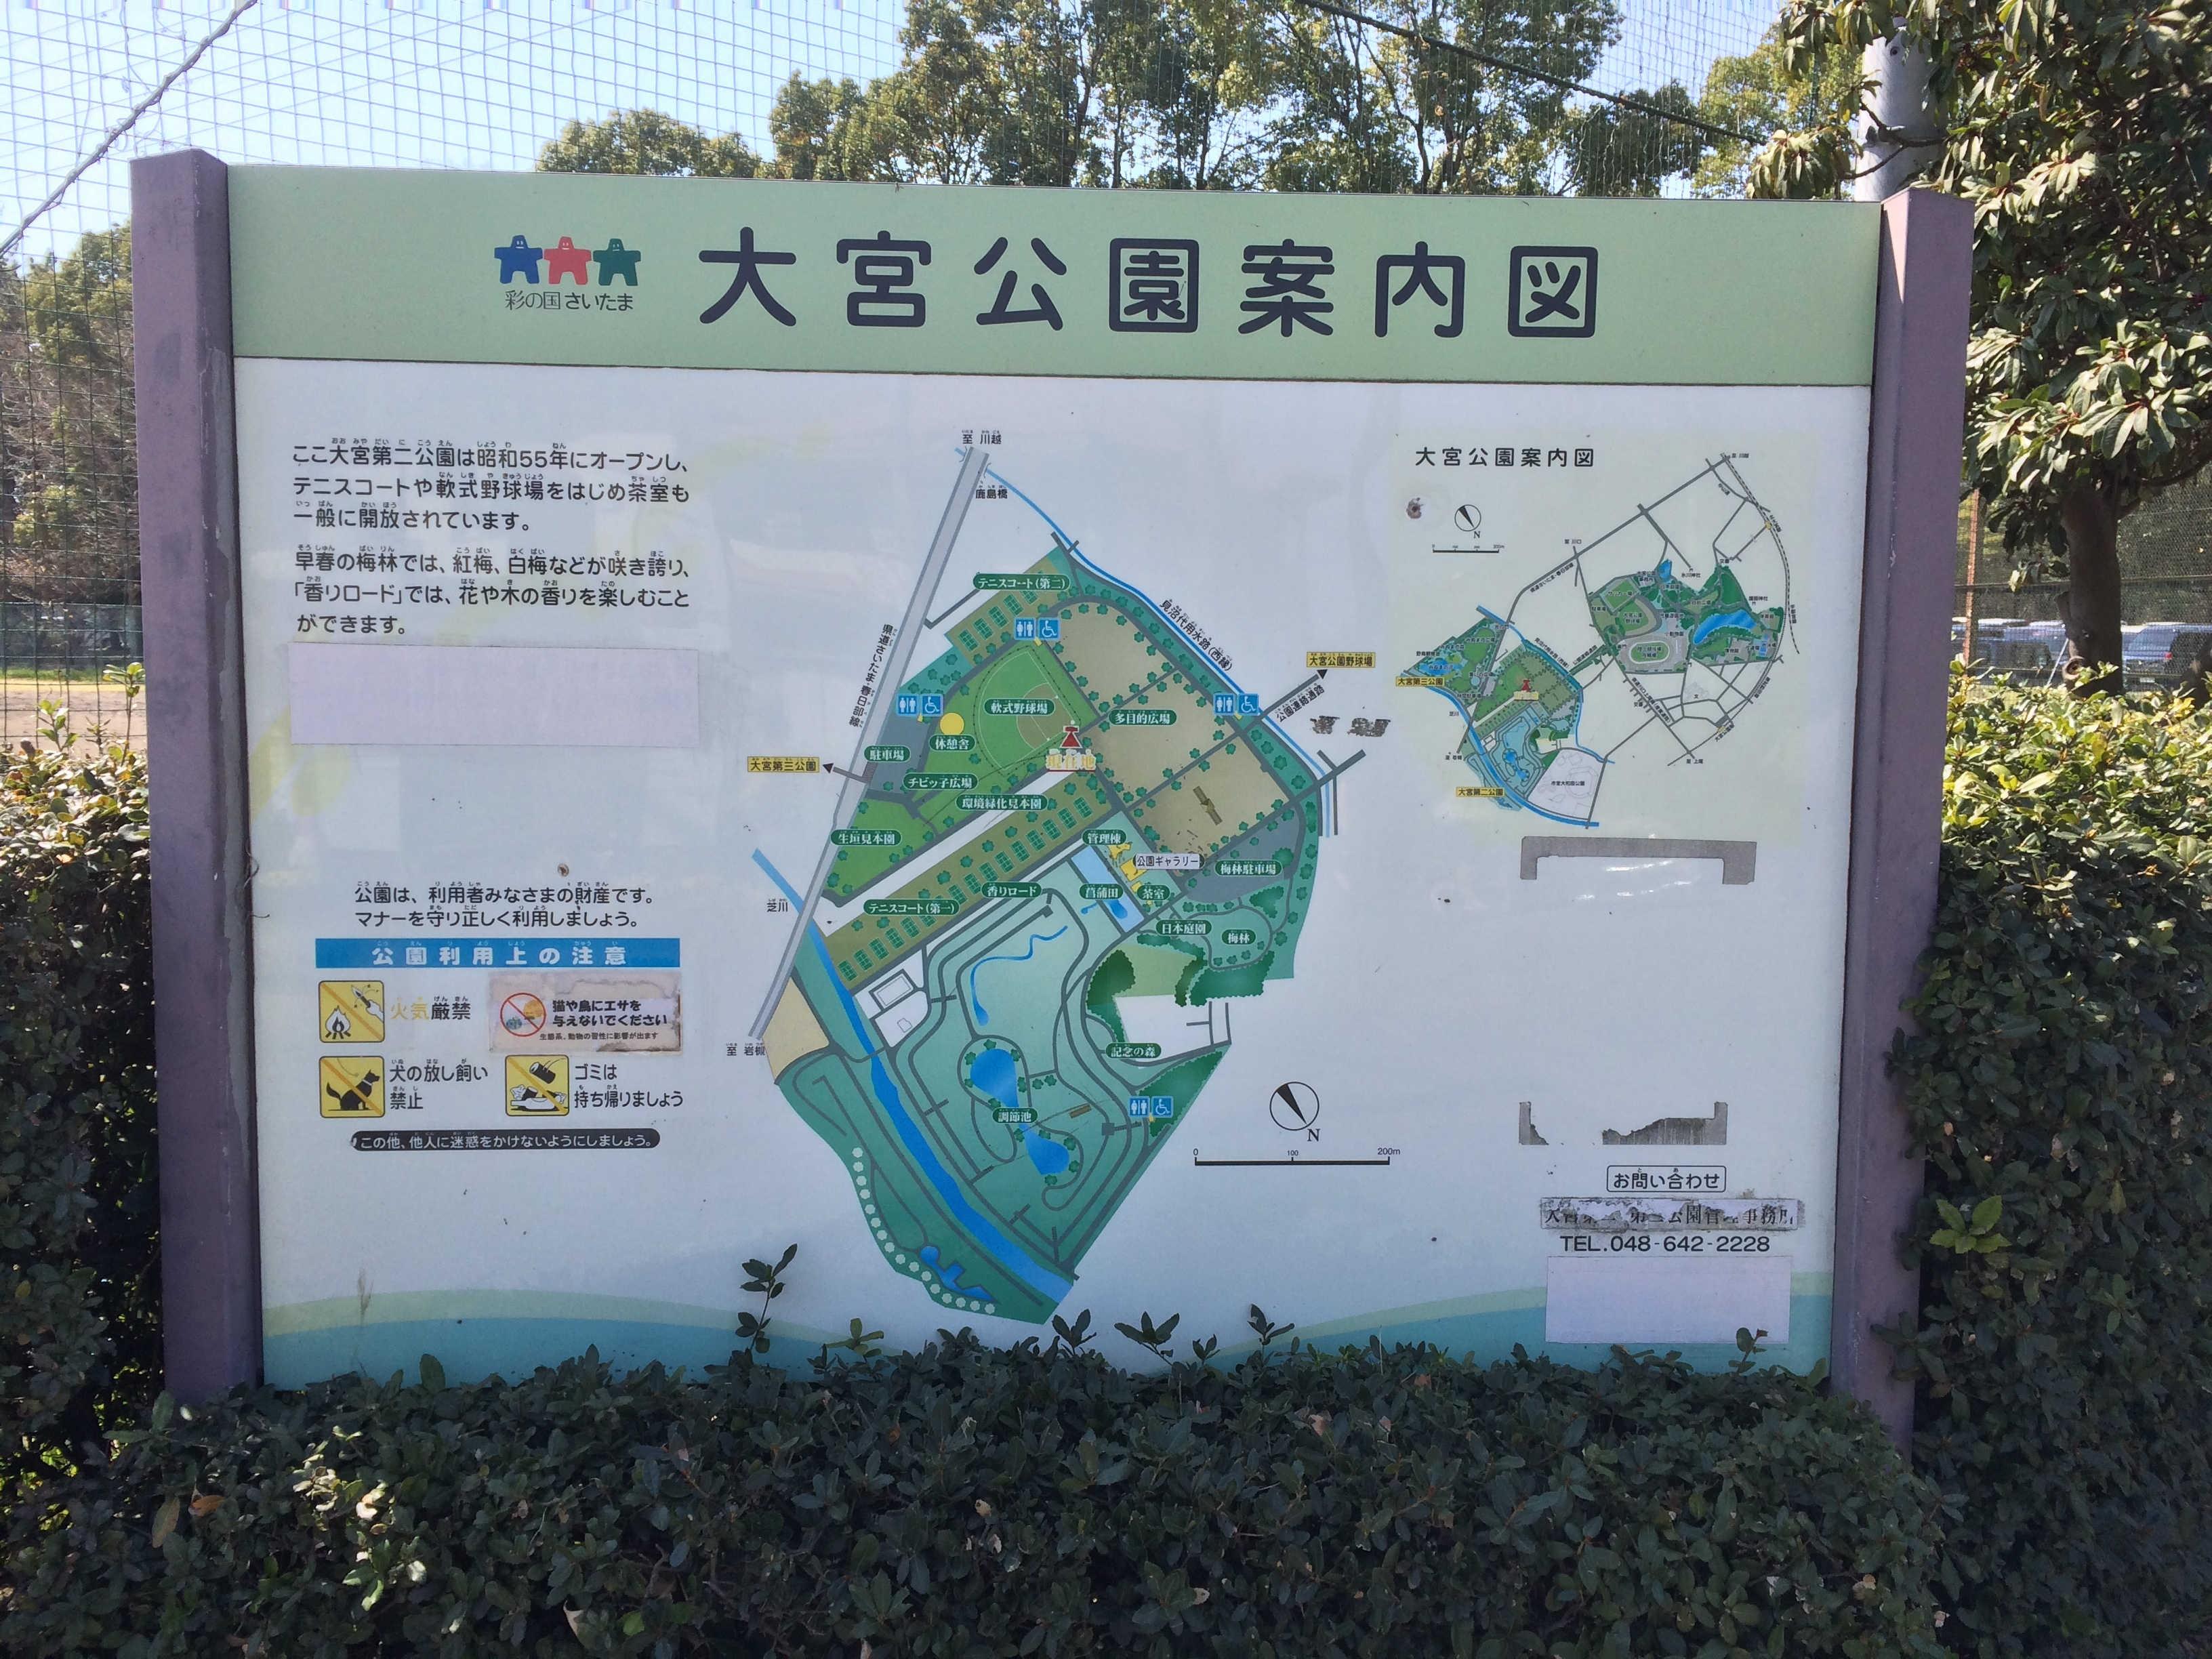 大宮公園案内図